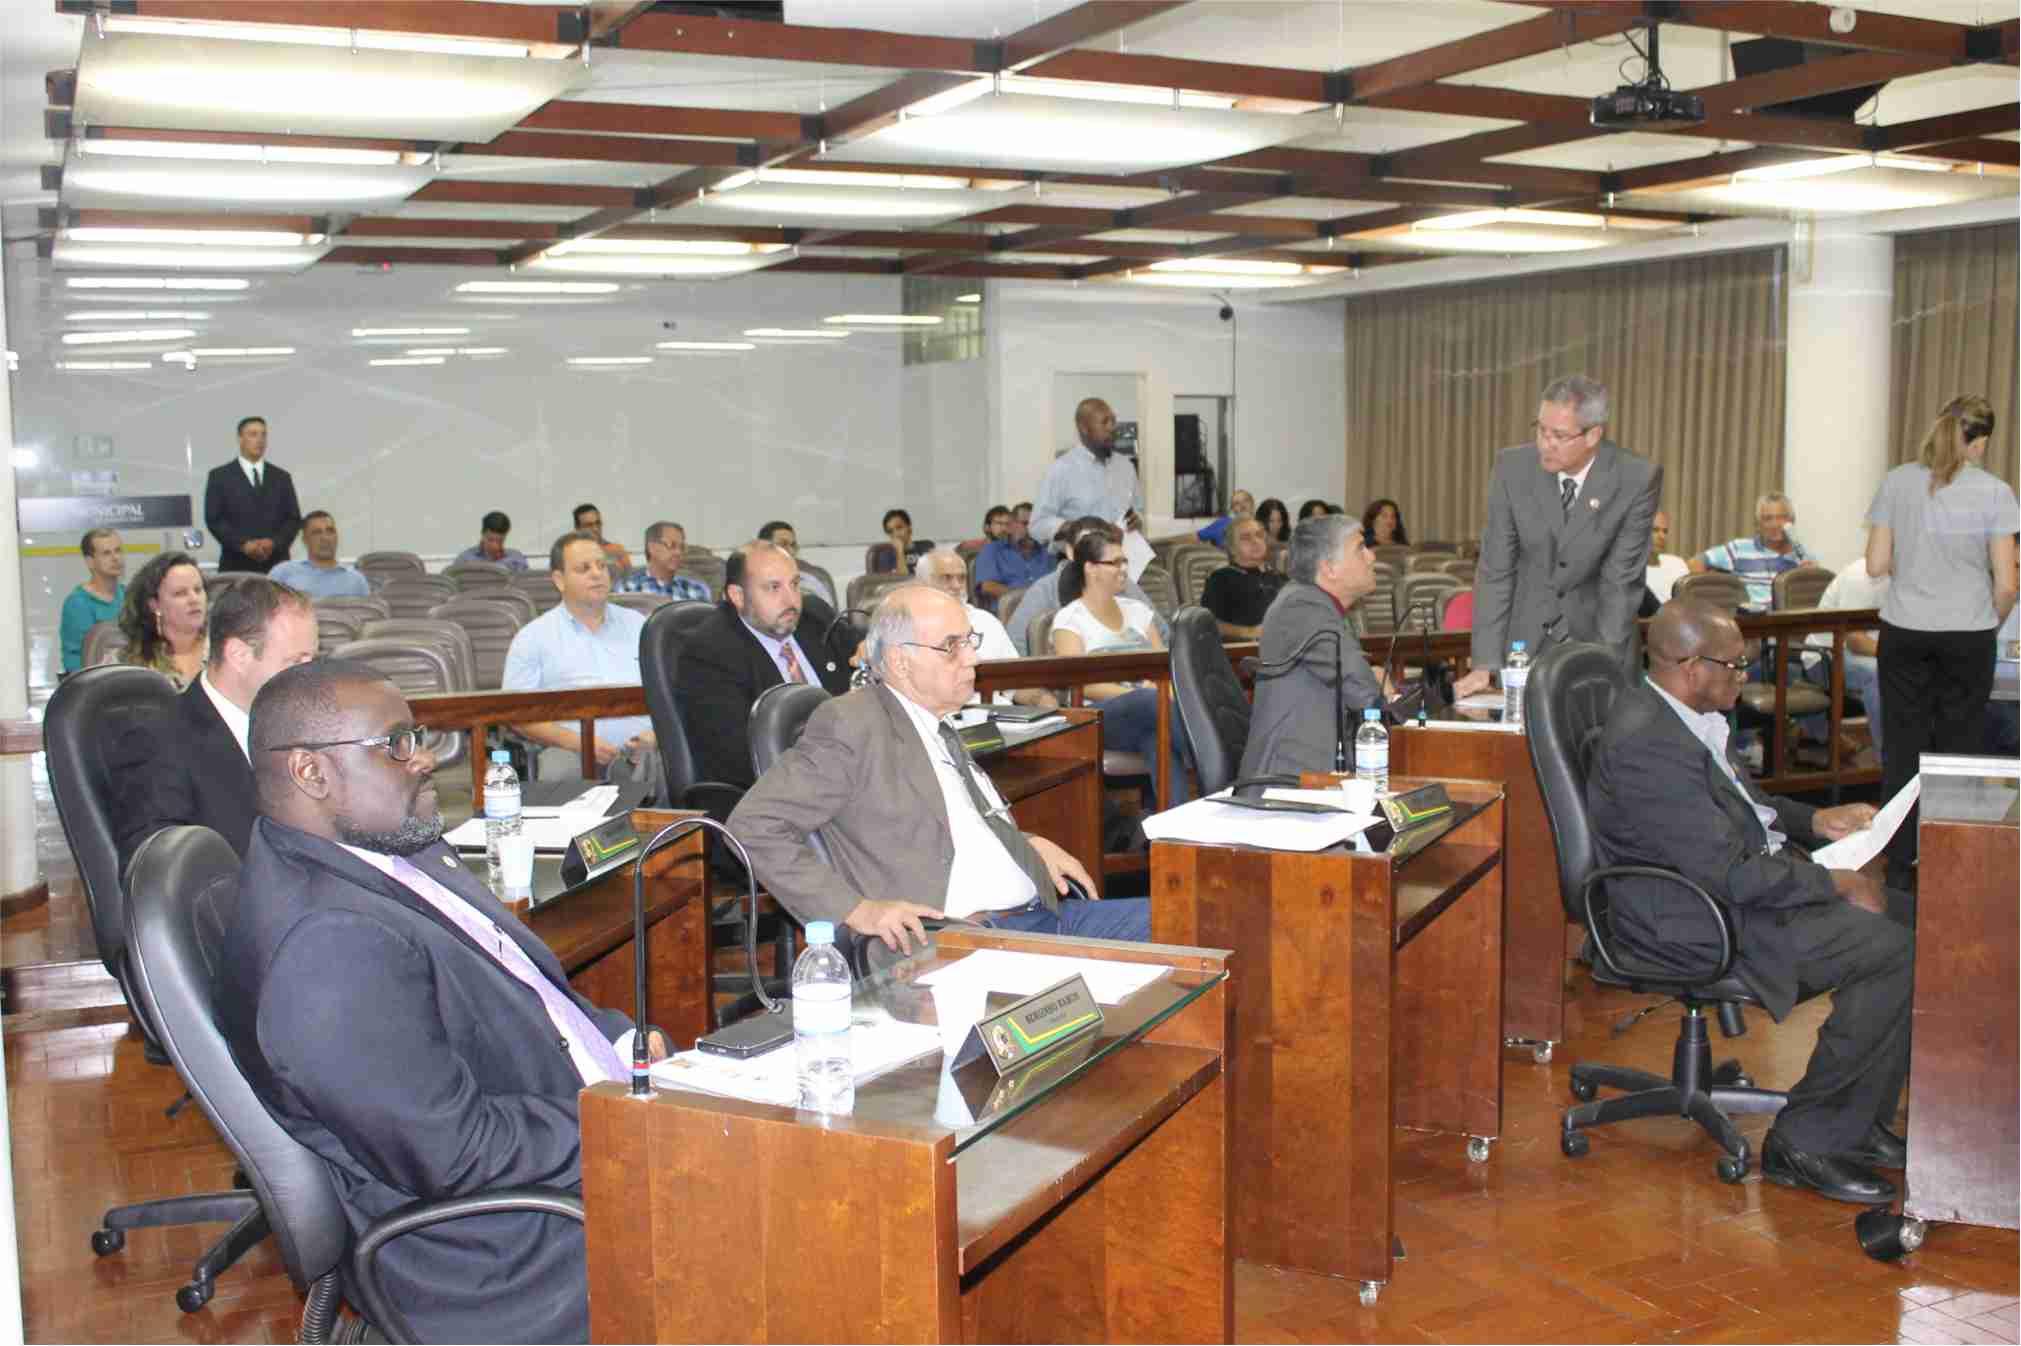 'Taxa do lixo' recebe novo pedido de vistas, desta vez, do vereador Sergio Ramos, do PPS (Foto: Site da Câmara Municipal de Jaboticabal/Divulgação)